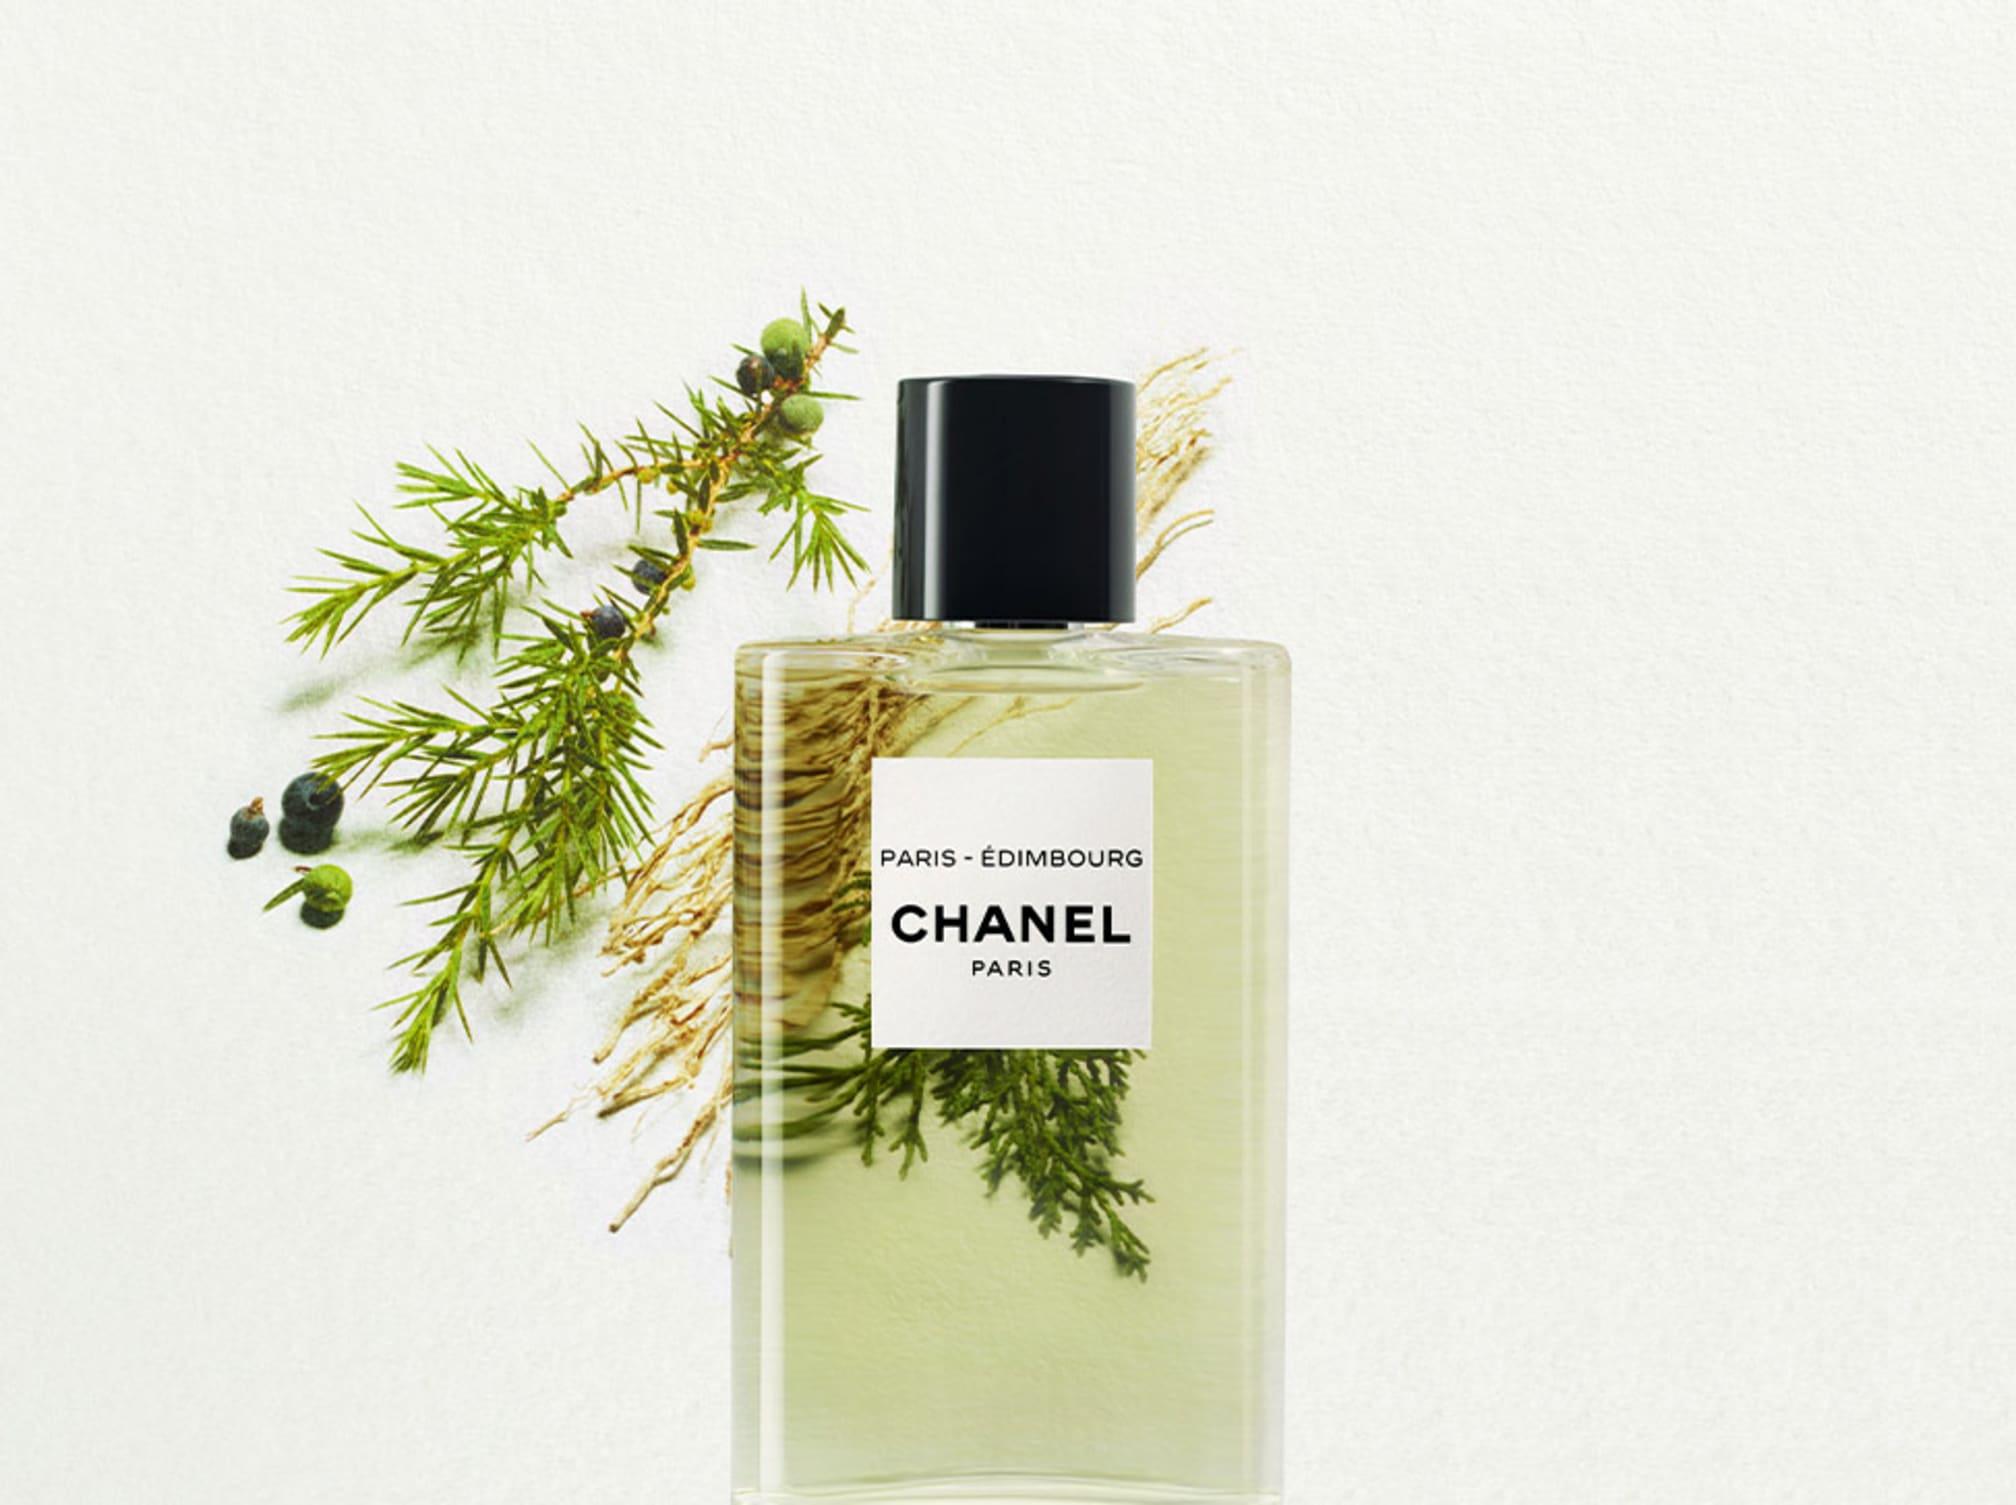 SULTRY SCENTS: Chanel Paris-Édimbourg